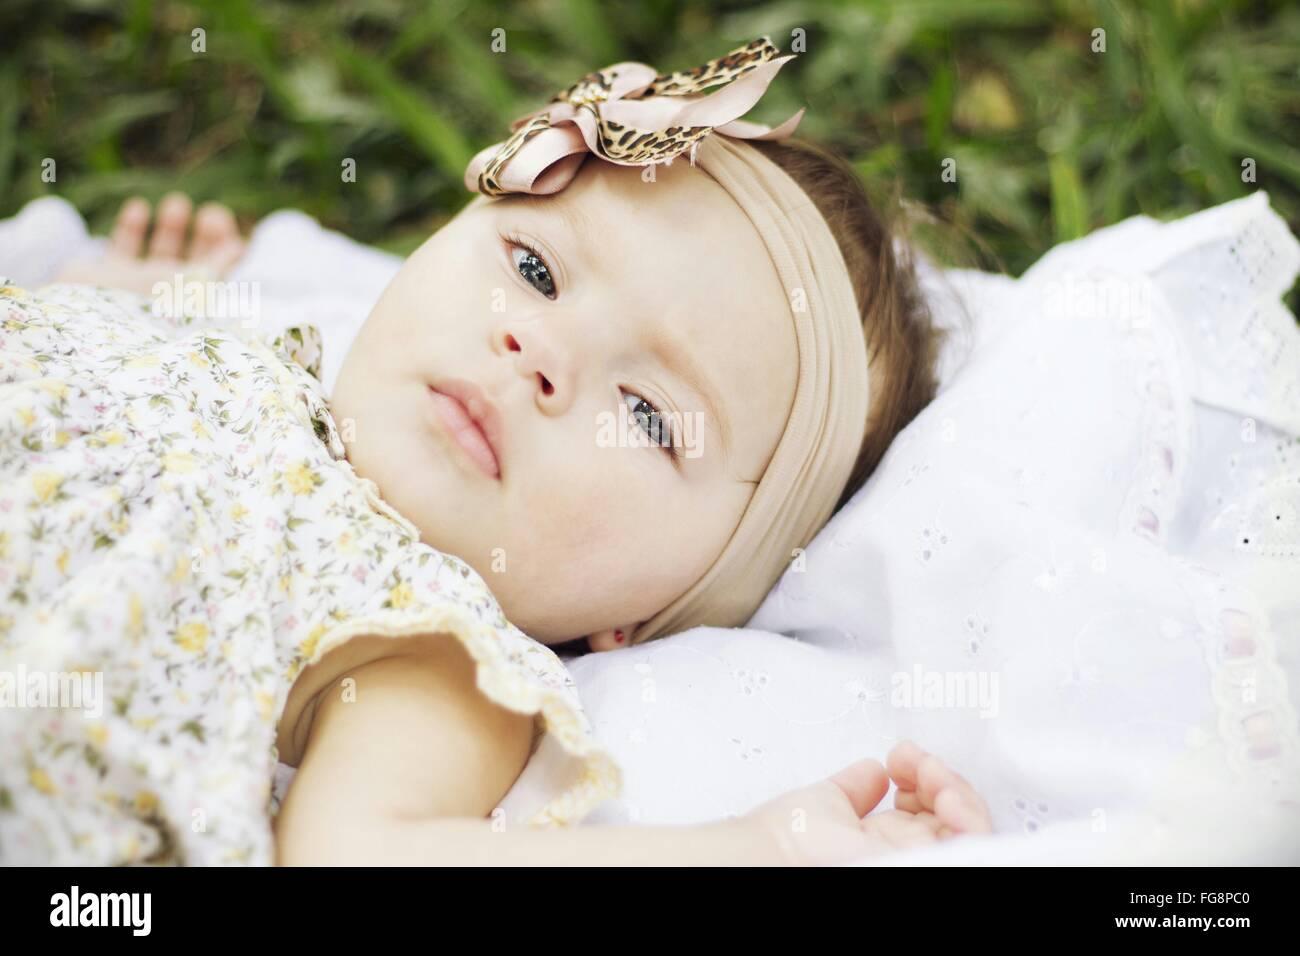 Ritratto di Bambina giacente all'aperto Immagini Stock